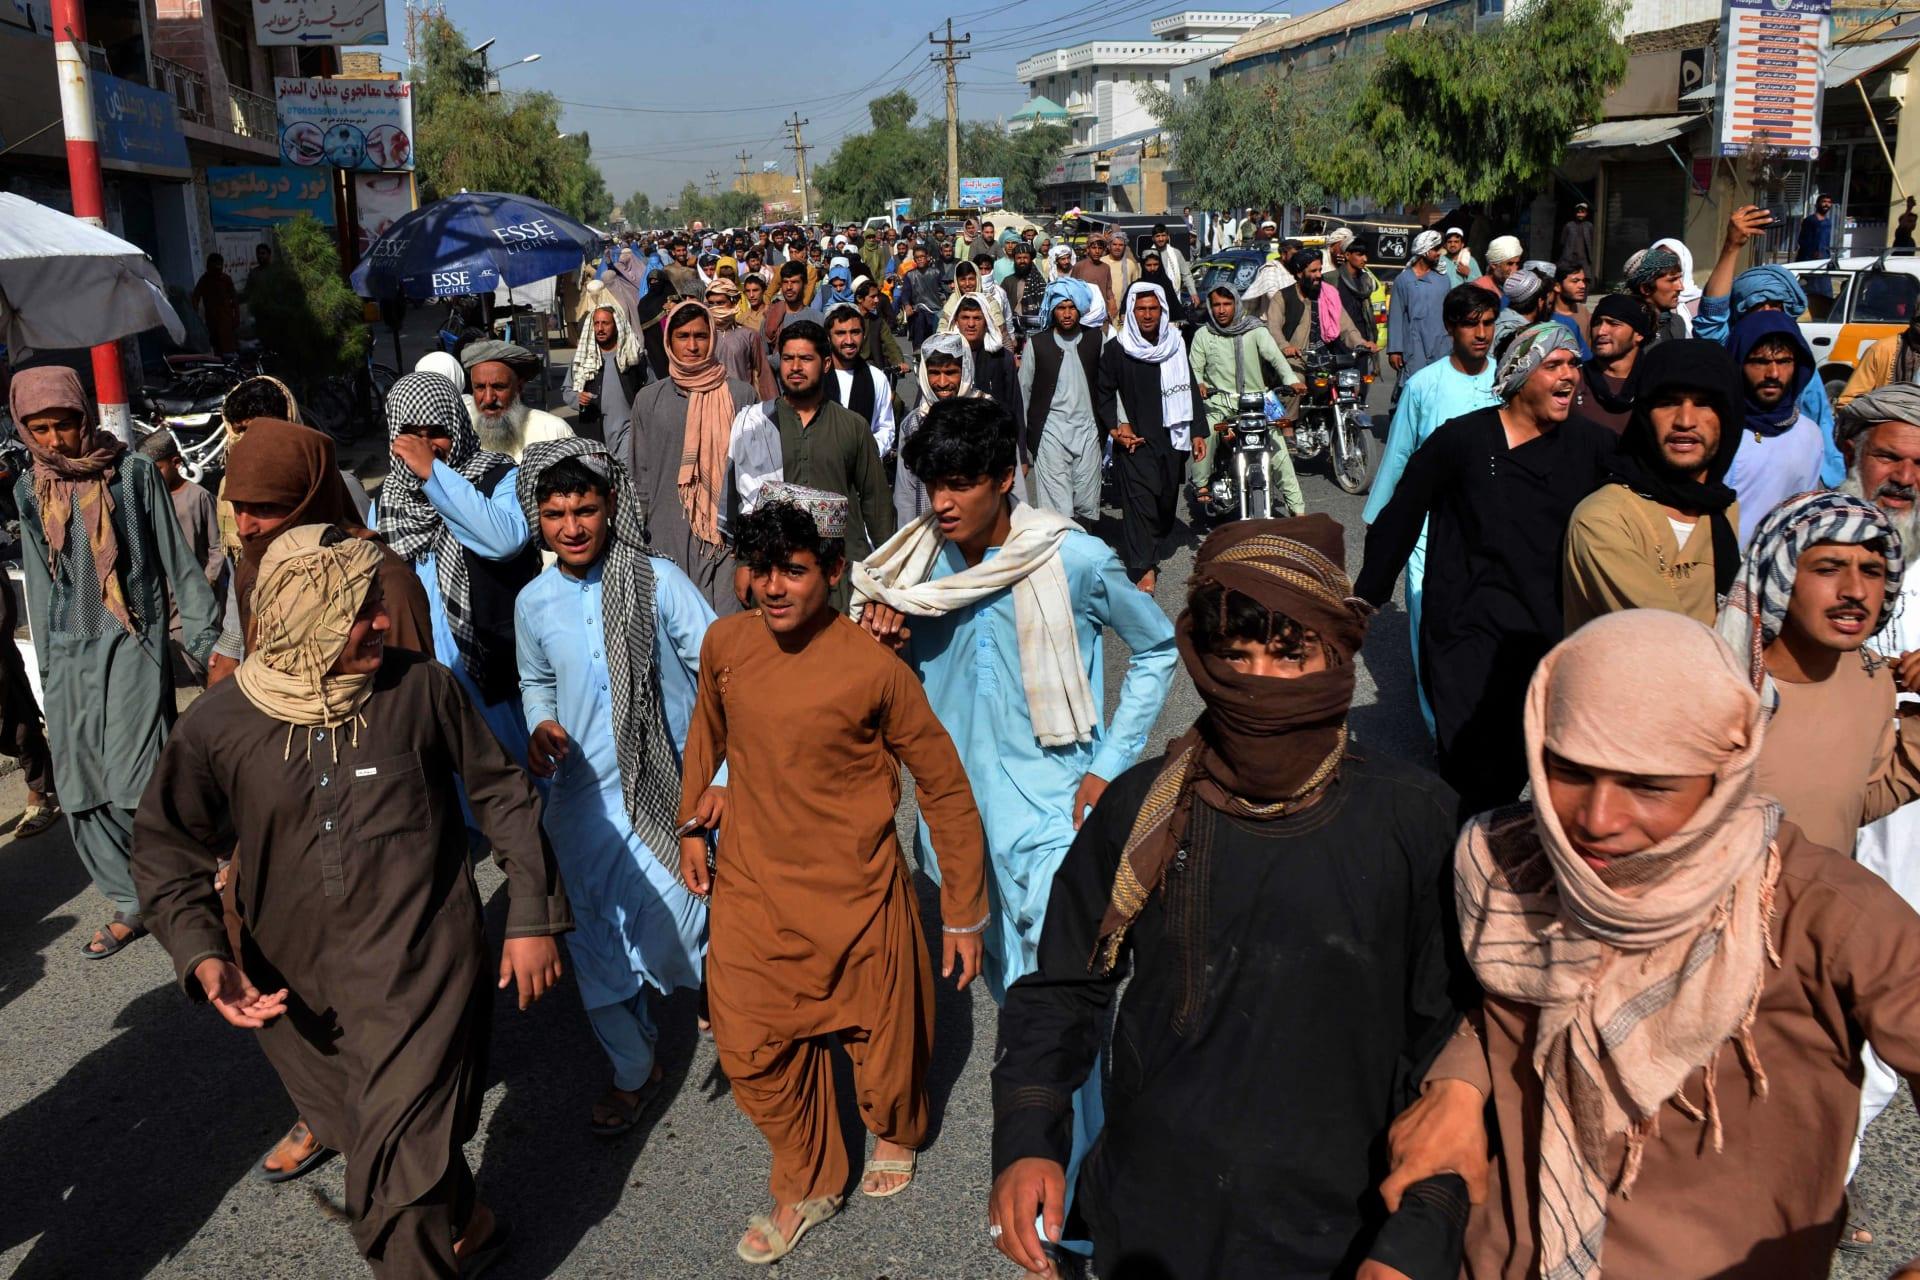 سكان محليون يشاركون في مسيرة احتجاجية ضد إعلان مطالبة حركة طالبان لهم بإخلاء منازلهم المبنية على أراض مملوكة للدولة في قندهار في 14 سبتمبر 2021